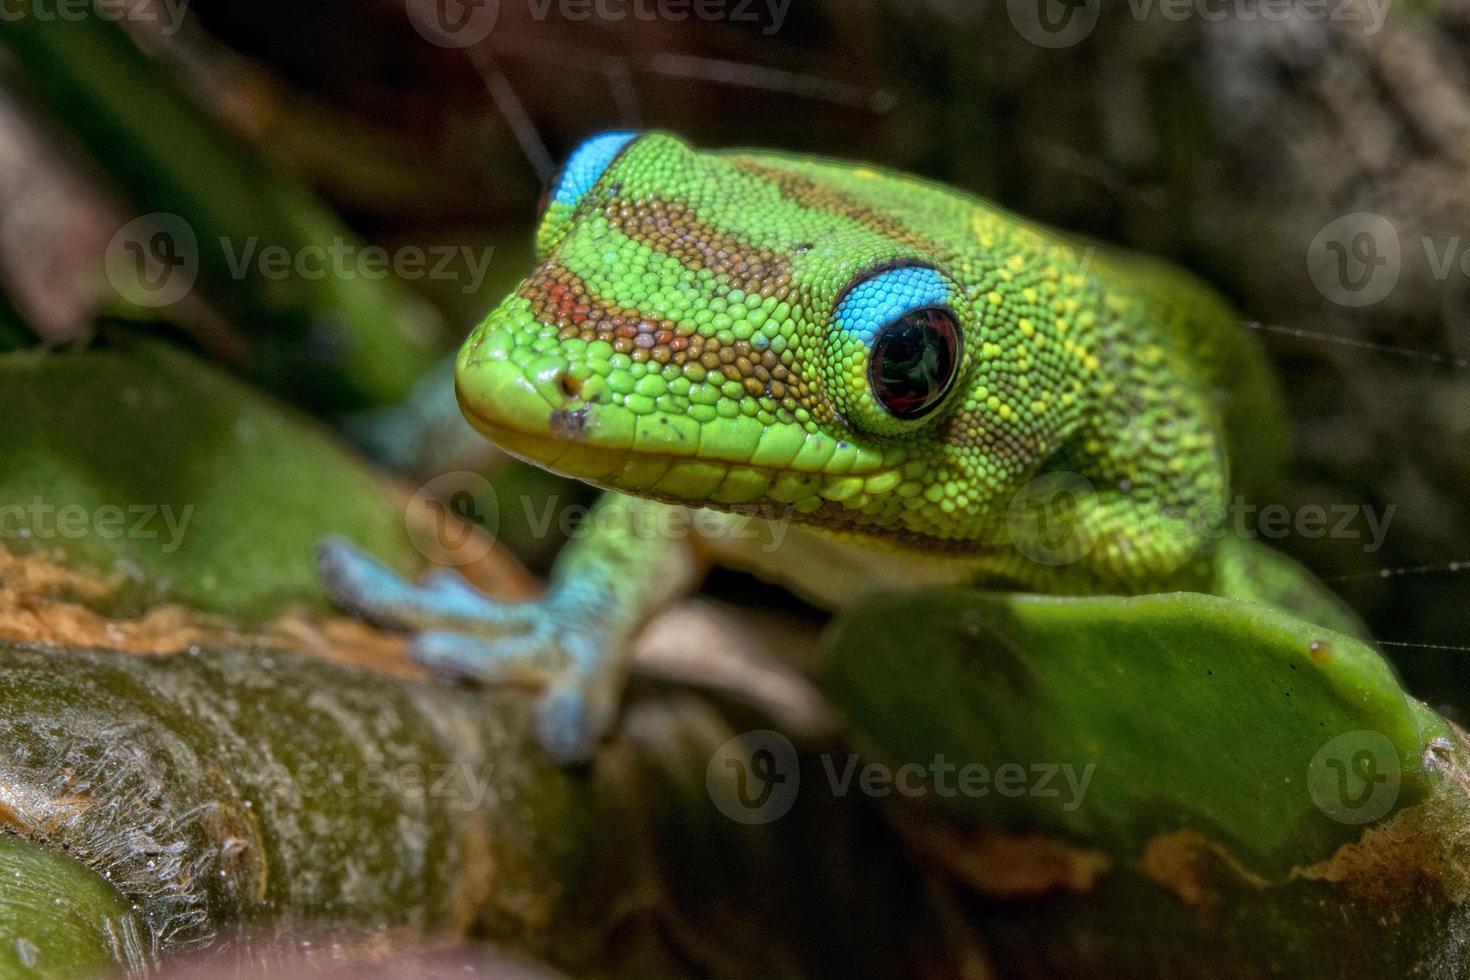 lagartixa verde vermelha e azul do dia da poeira de ouro de Havaí foto